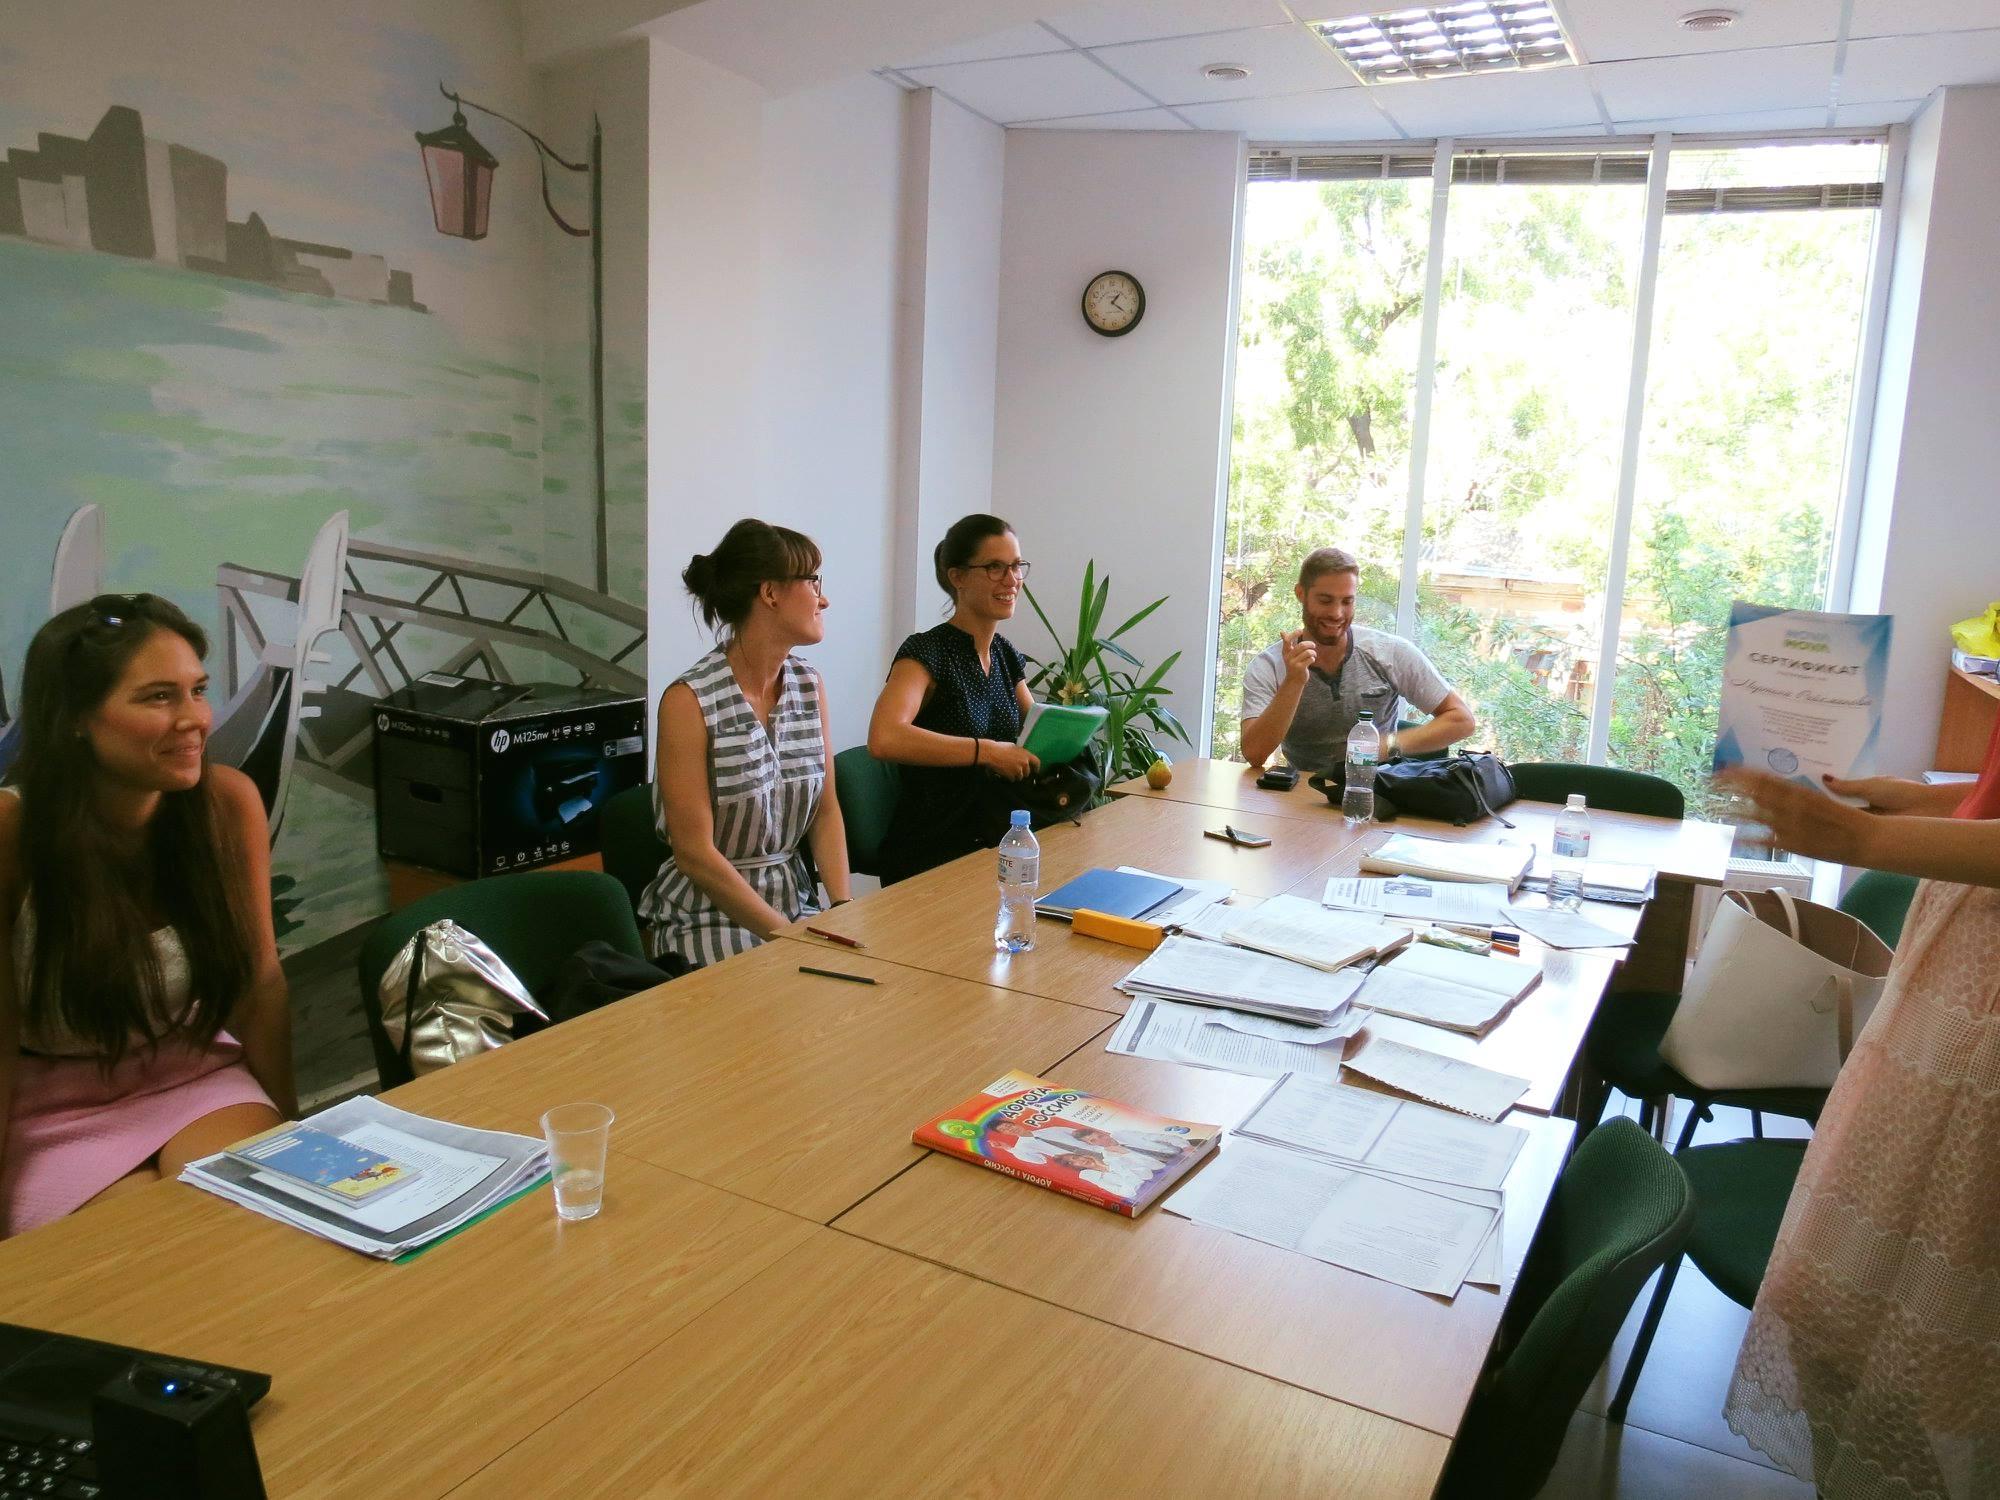 Unsere Sprachschule in Odessa - Russischkurs